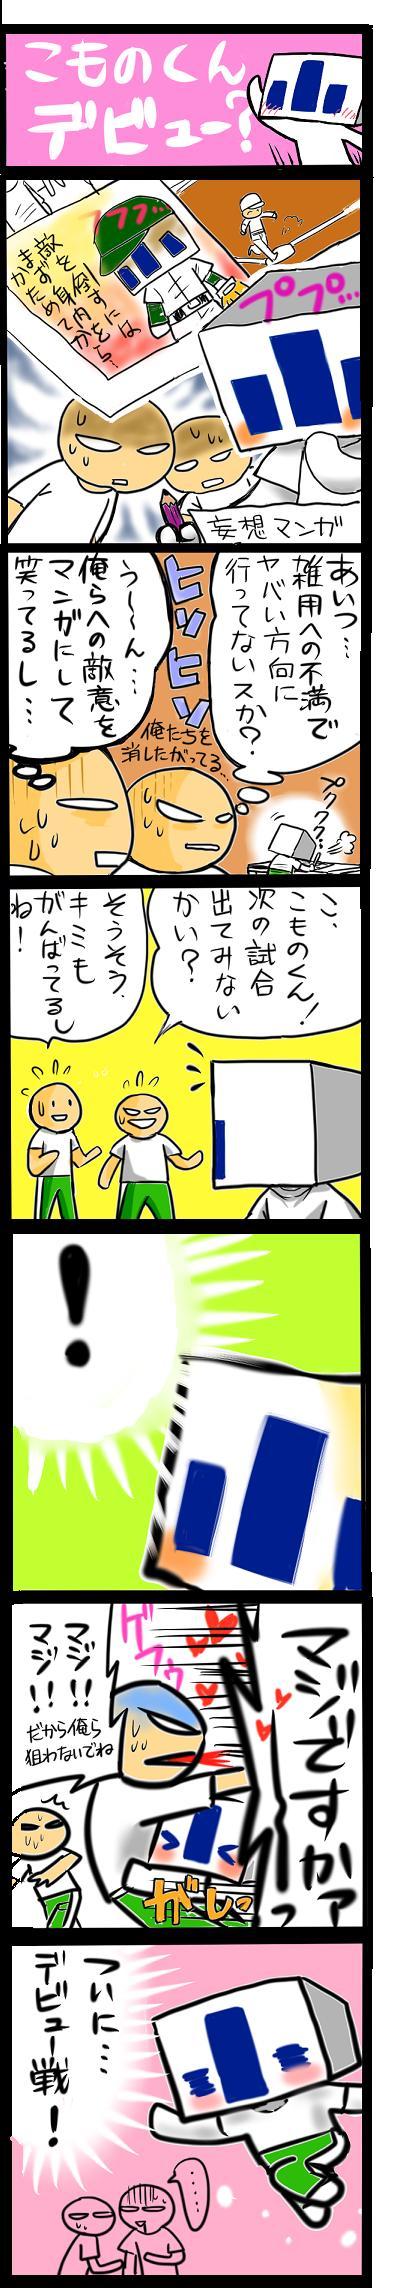 4komamousou.JPG